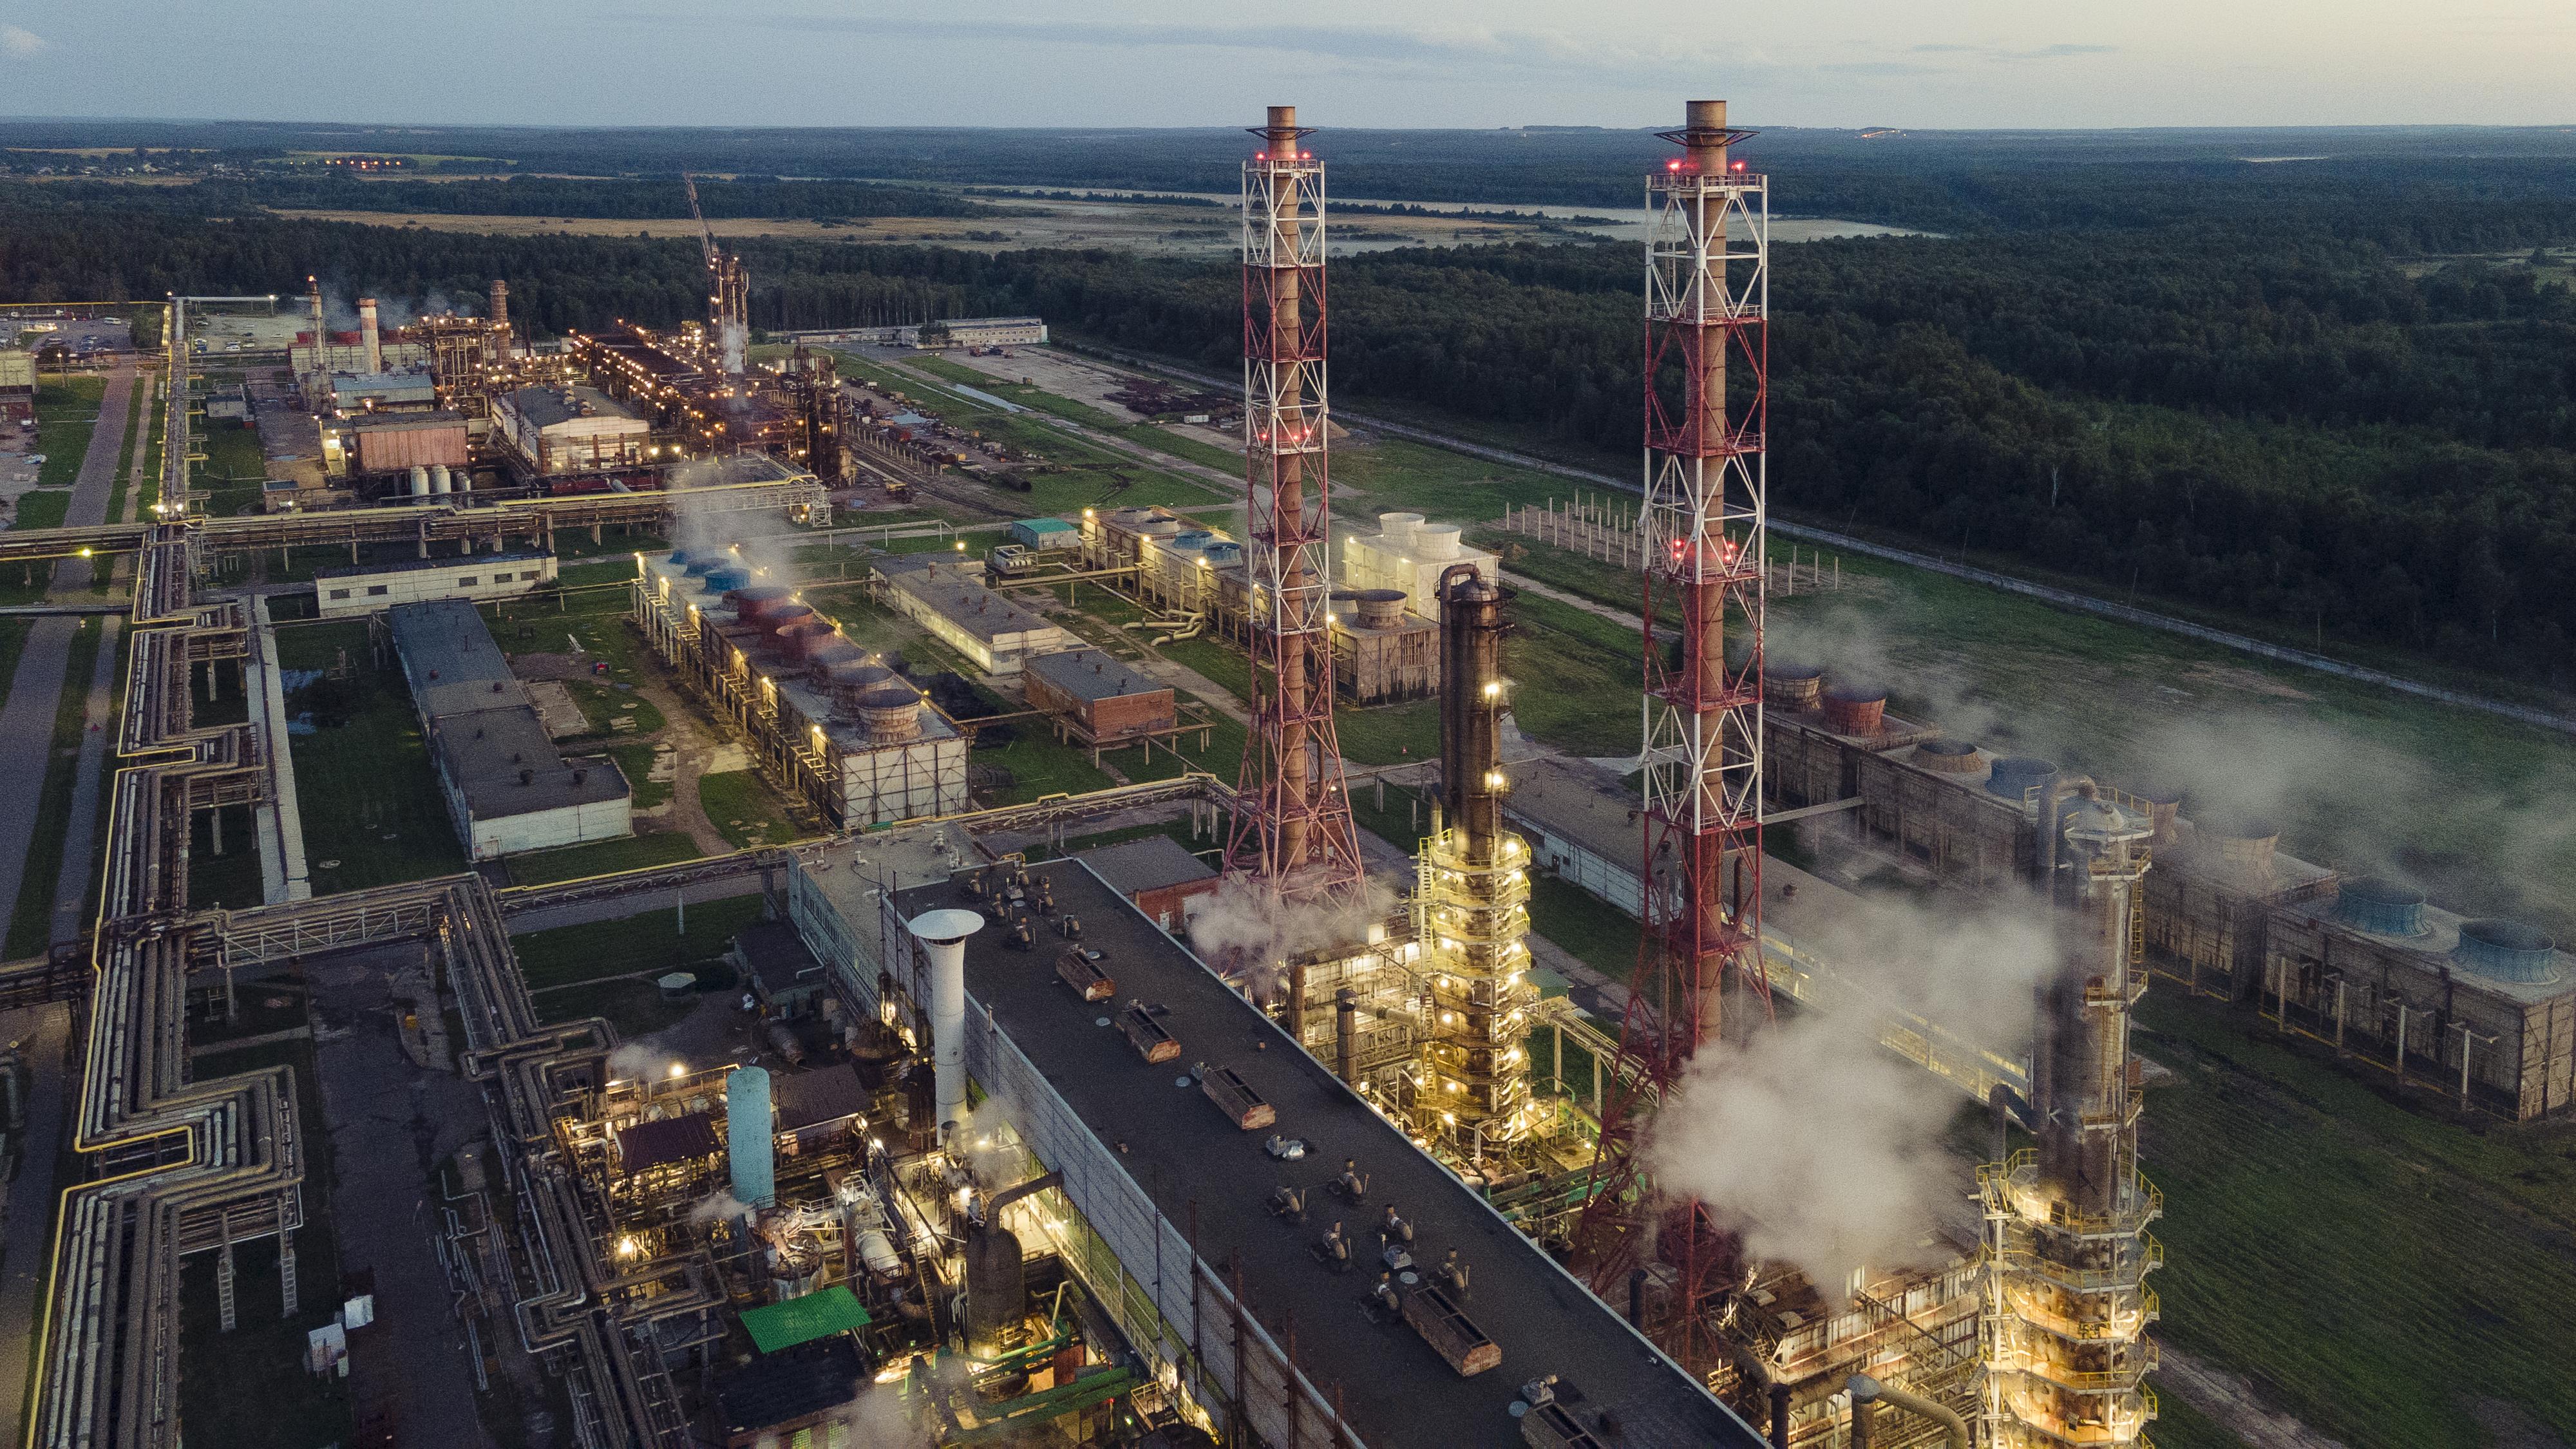 Филиал «КЧХК» компании «УРАЛХИМ» в 2020 году выпустил 2,7 млн тонн продукции